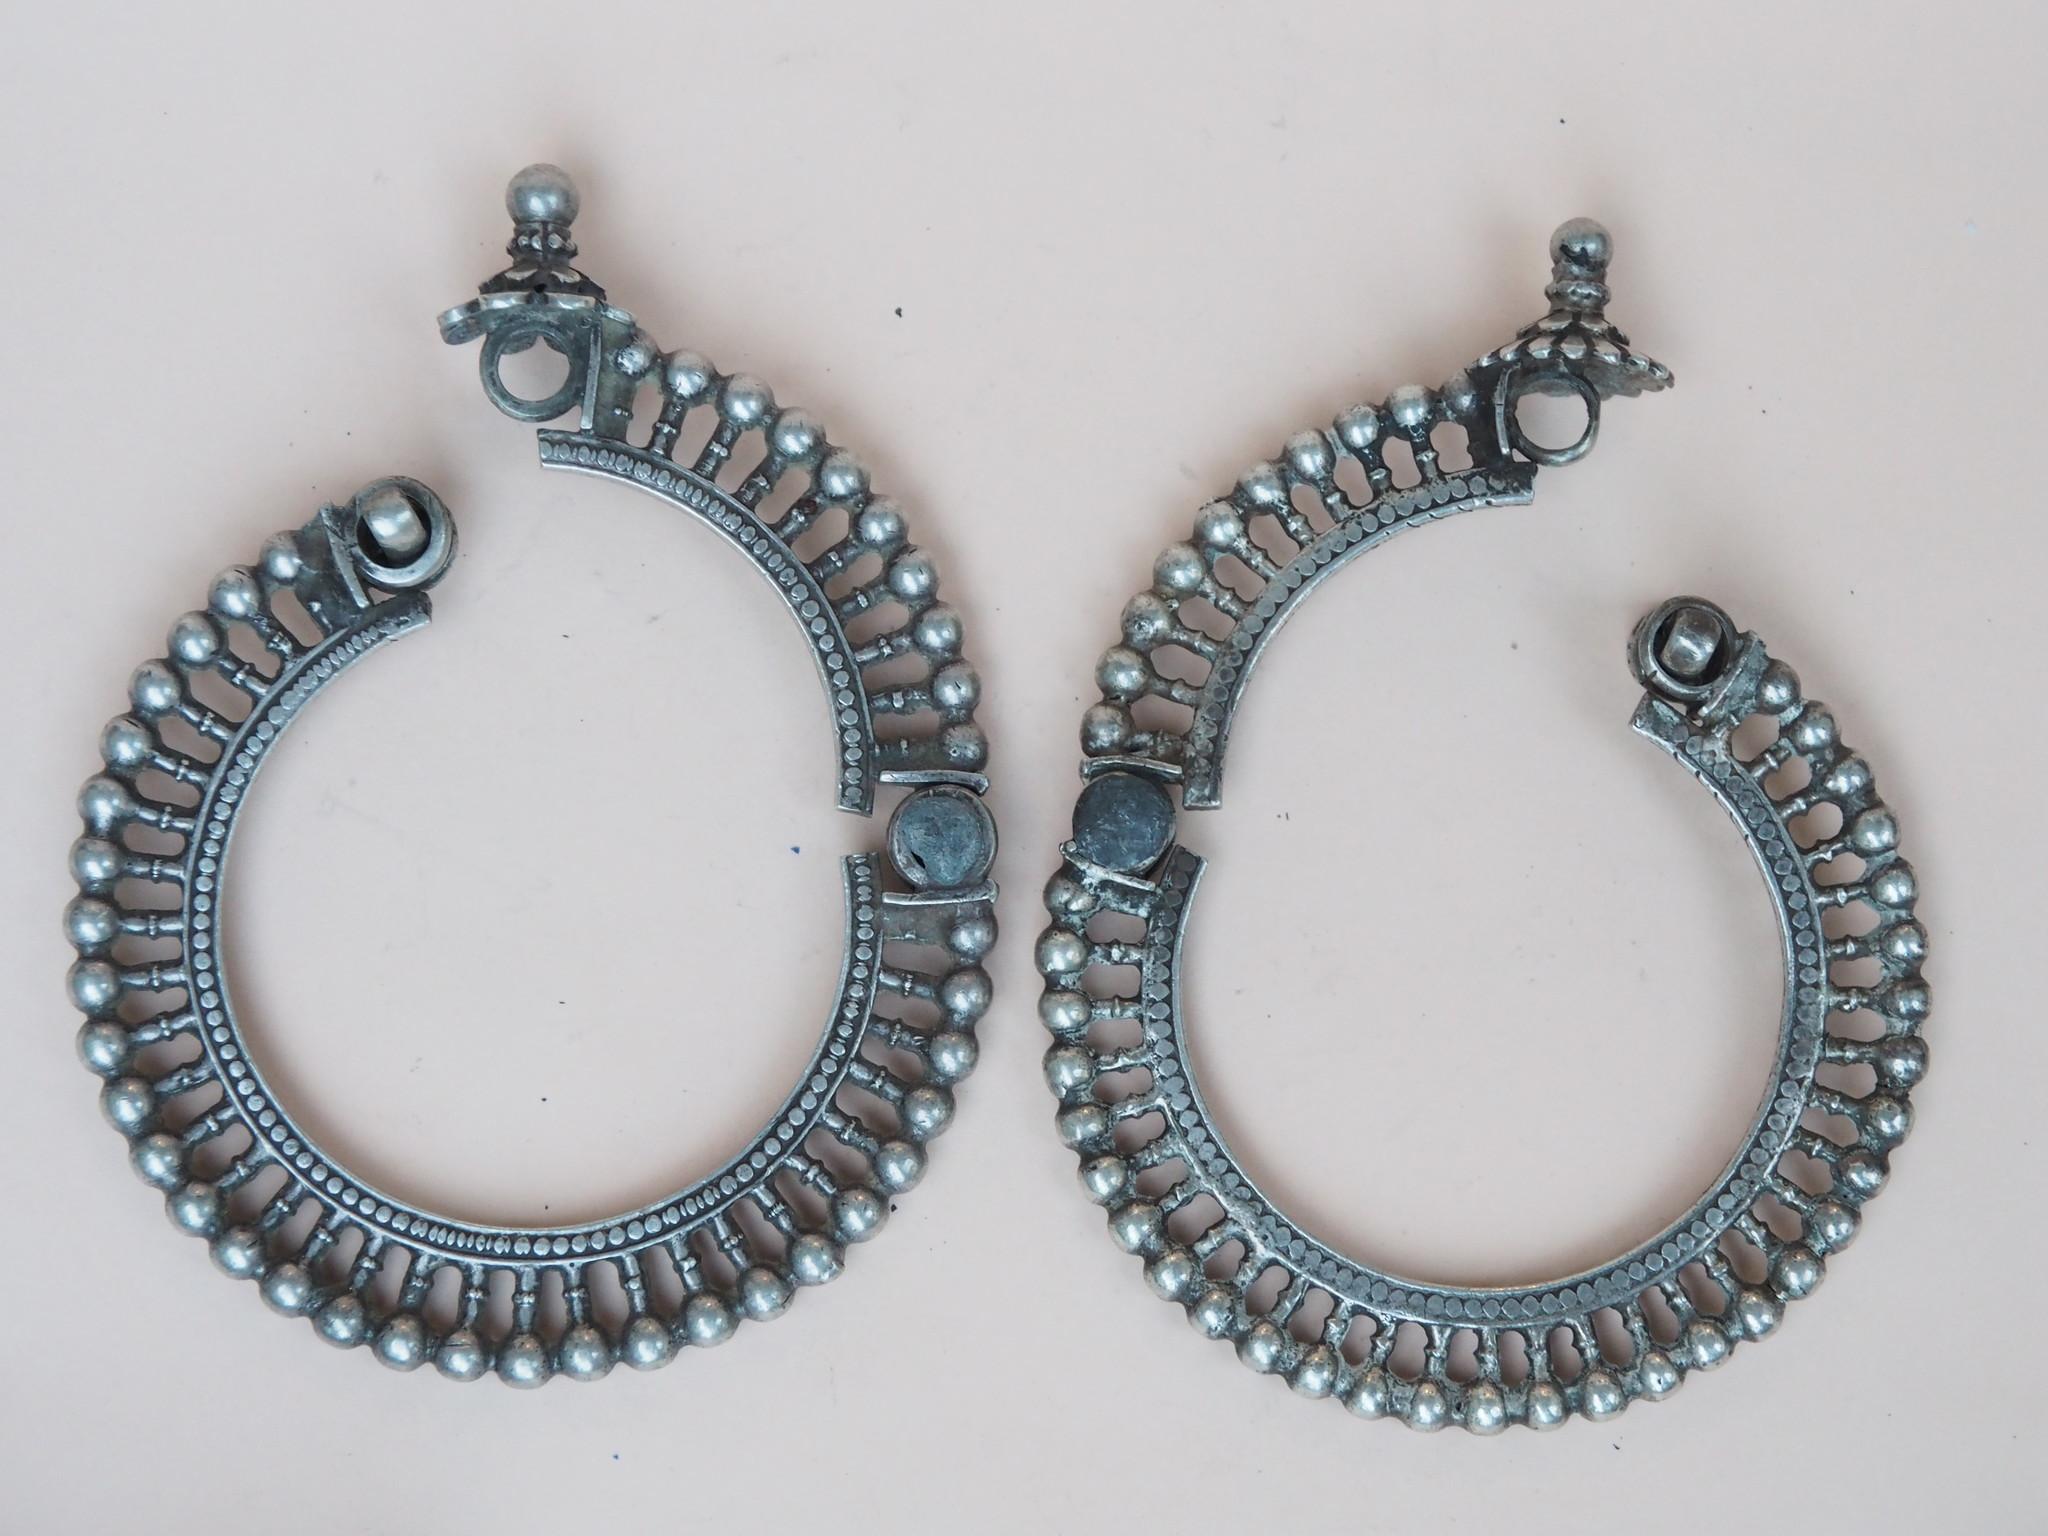 Ein Paar außergewöhnliche antike Silber armreifen armbänder aus Sindh, Pakistan oder Gujarat Indien Nr:WL